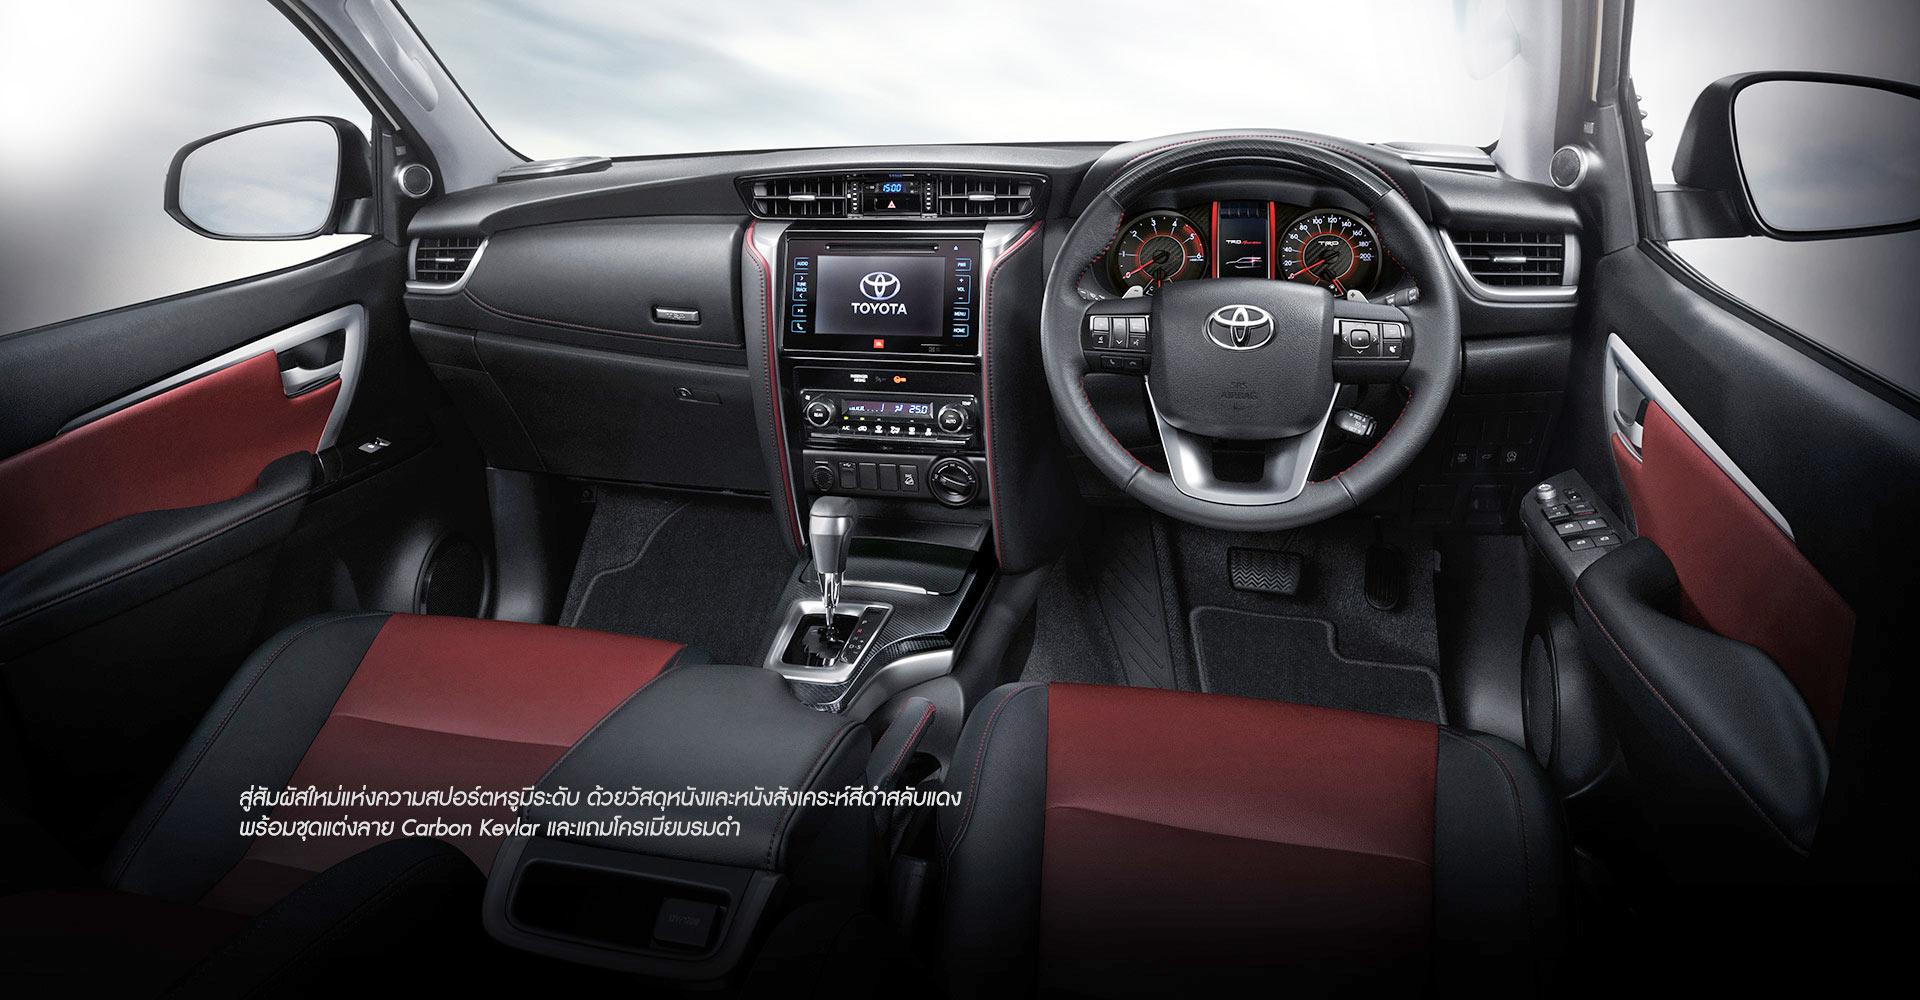 Kekurangan Toyota Fortuner Trd Sportivo 2019 Murah Berkualitas